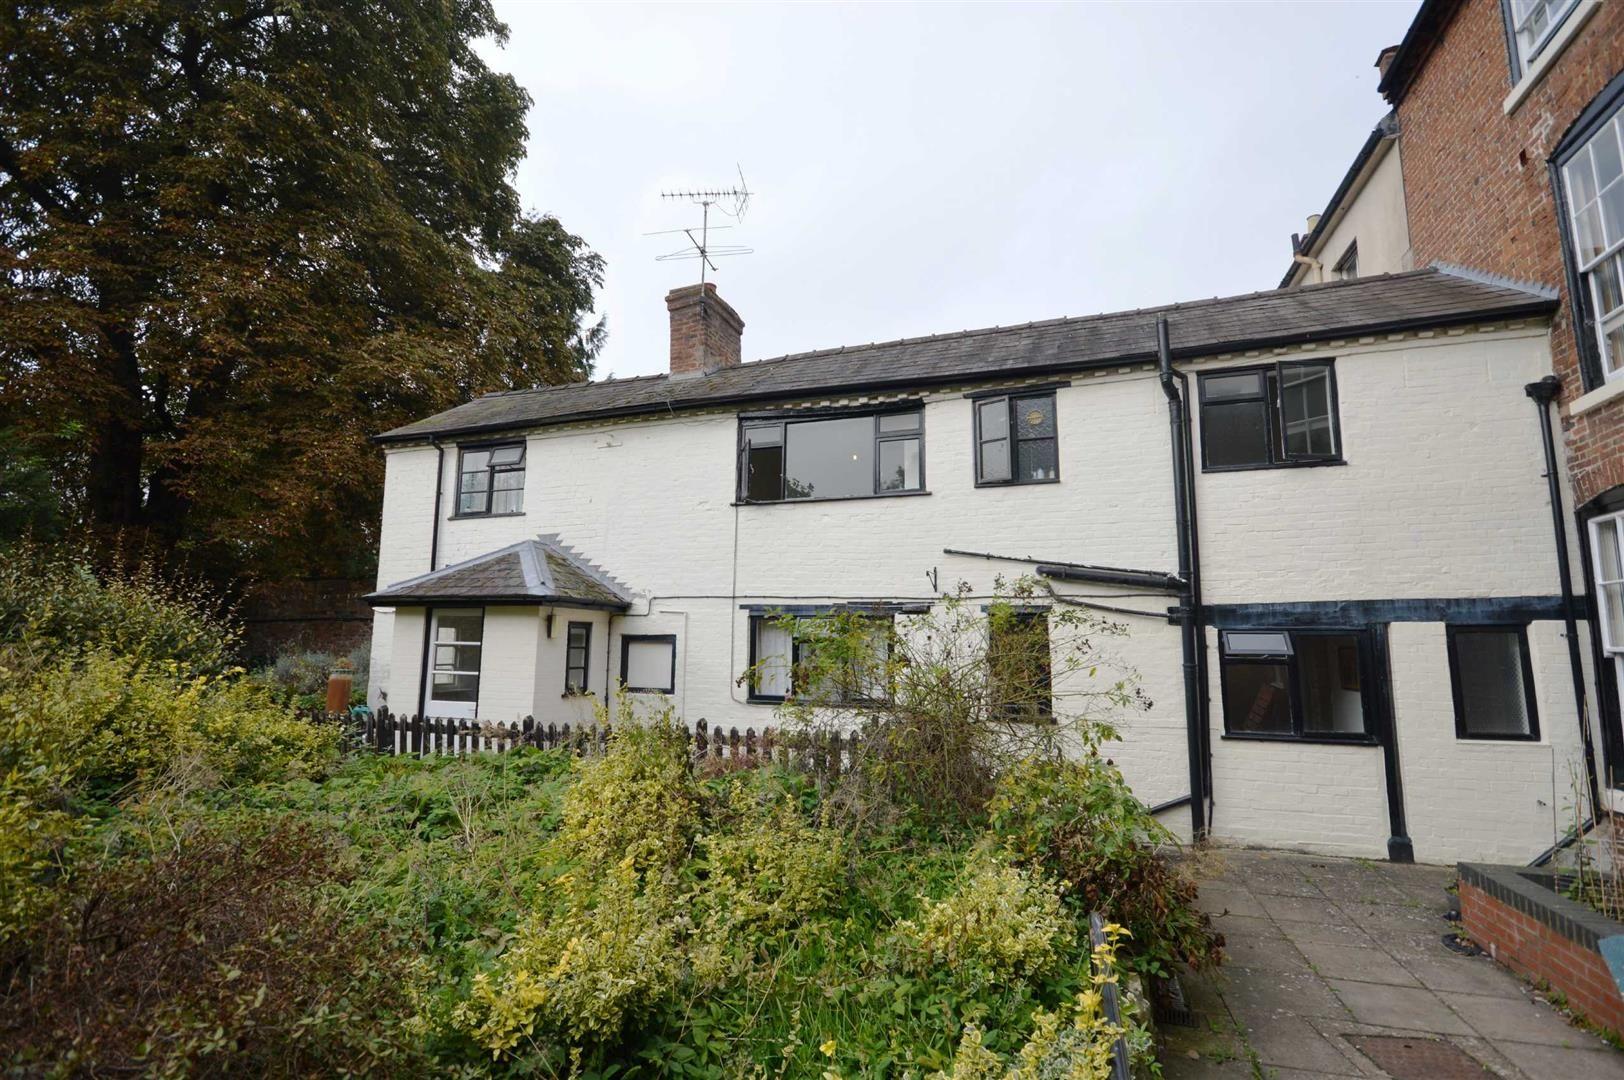 3 bed cottage for sale in Leominster, HR6